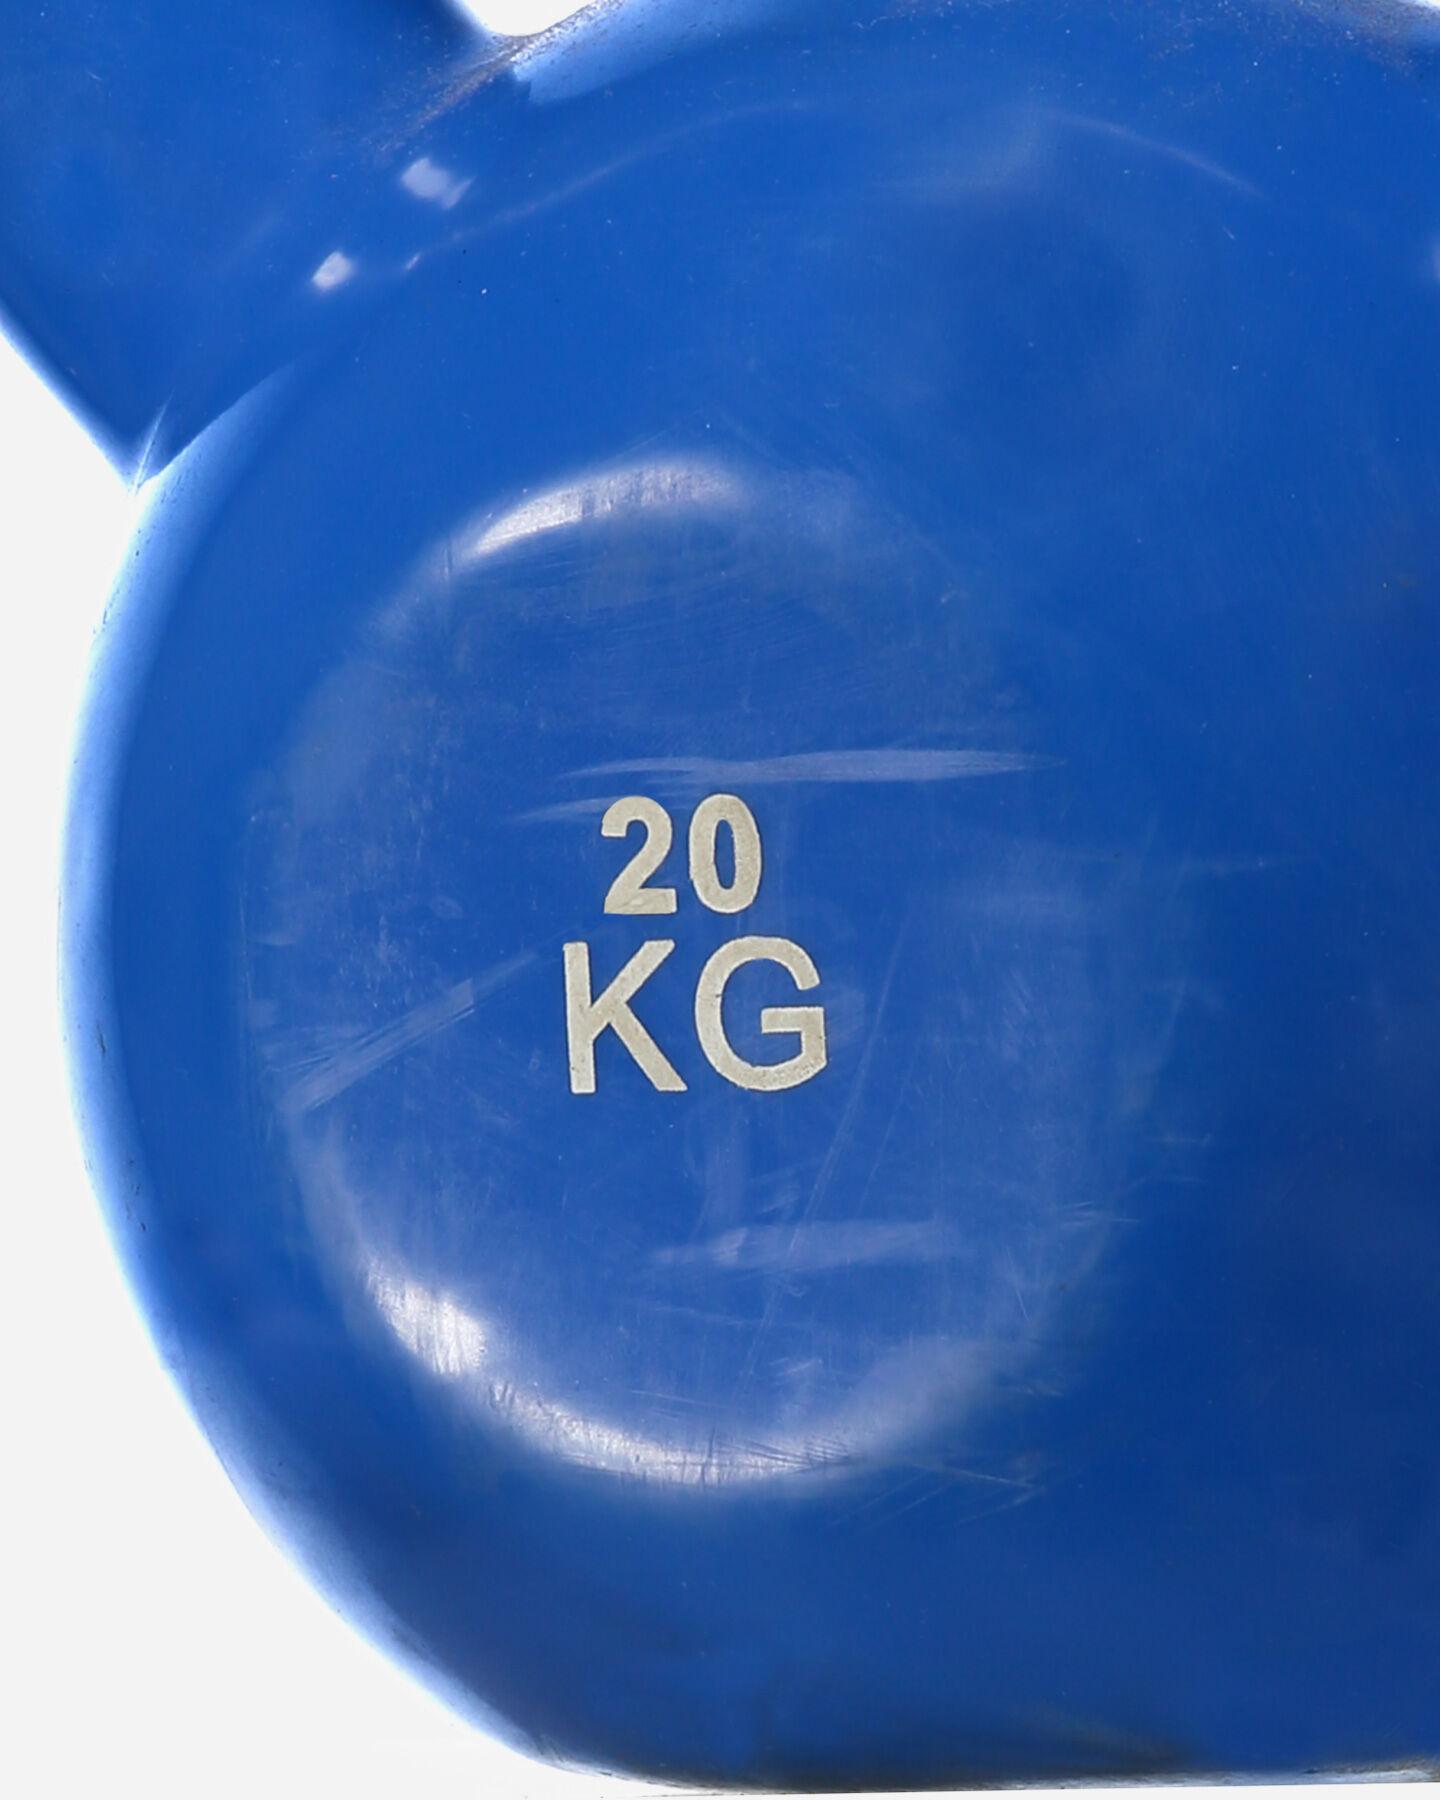 Manubrio CARNIELLI KETTLEBELL 20 KG S1194269|1|UNI scatto 1